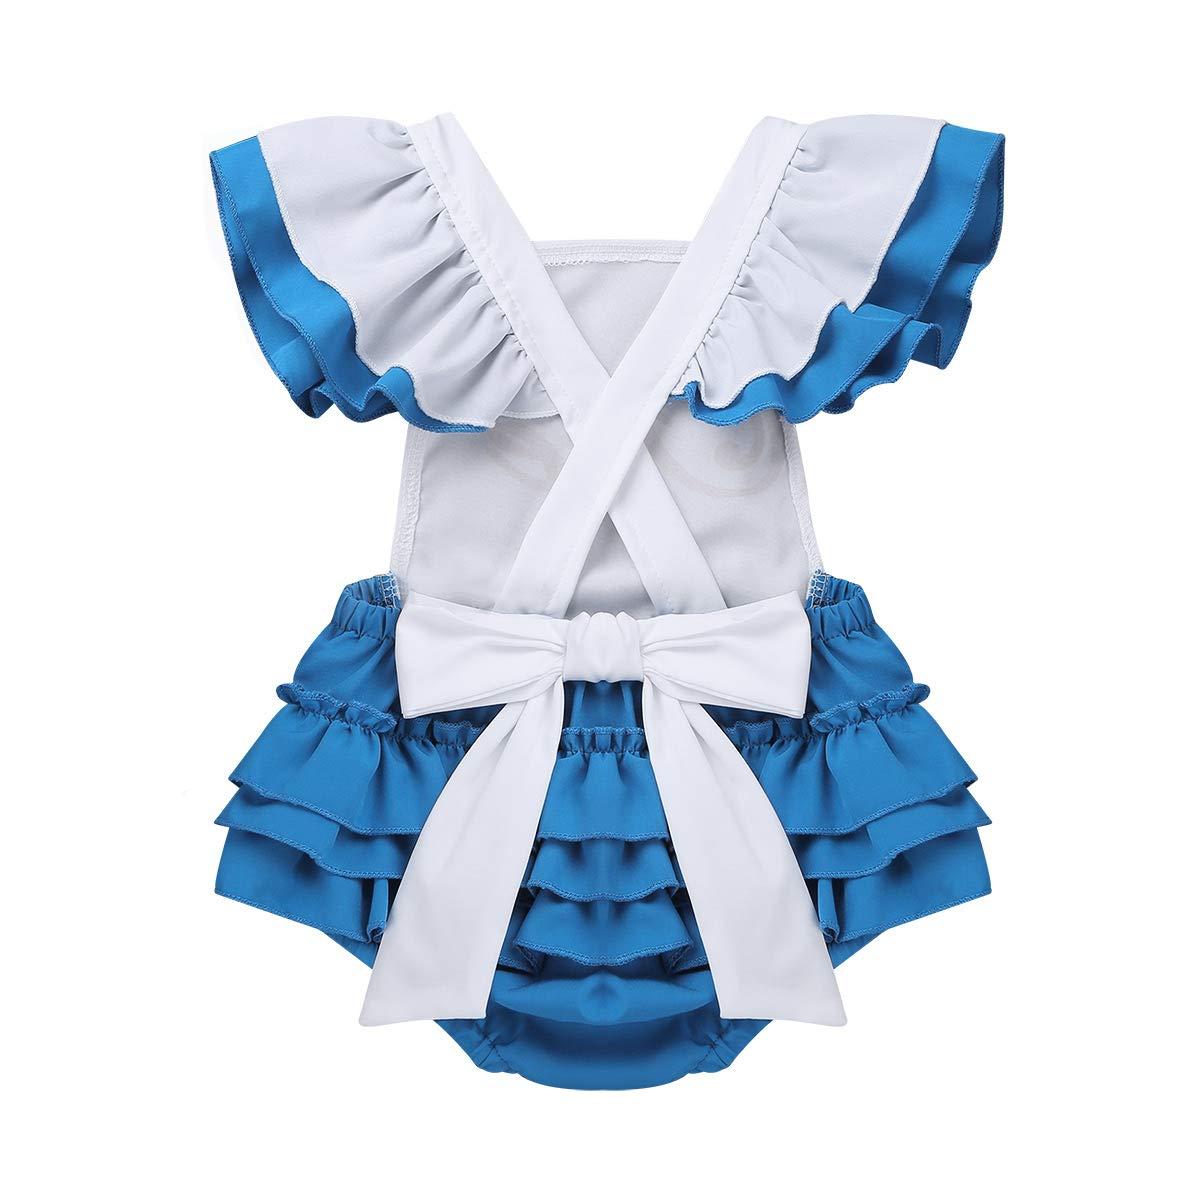 MSemis B/éb/é Fille Tutu Robe Princesse V/êtement 1er Anniversaire Barboteuse Body Combinaison D/éguisement Alice au Pays de Merveilles Costume Carnaval 0-2 Ans